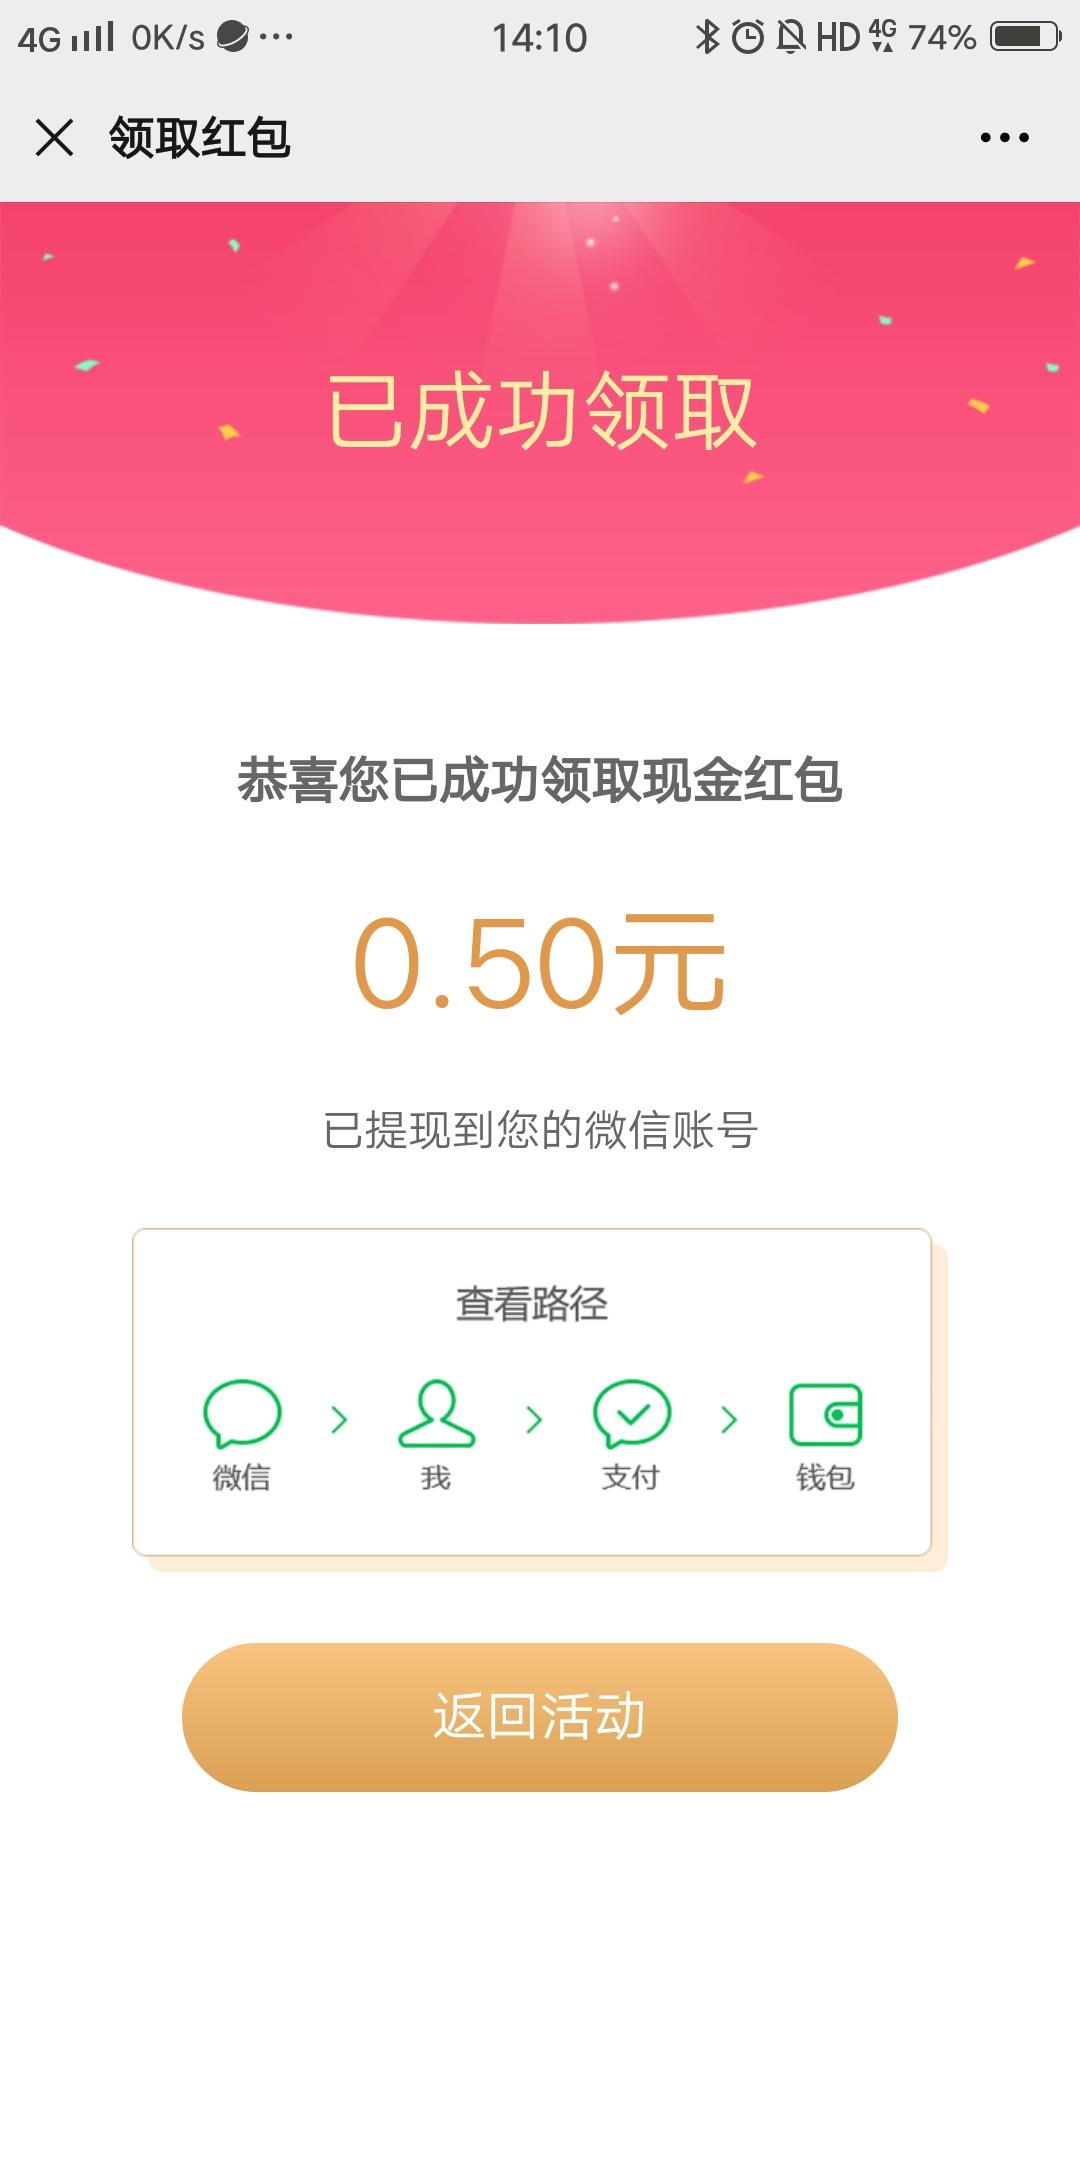 玩南园北饺游戏抽红包插图2